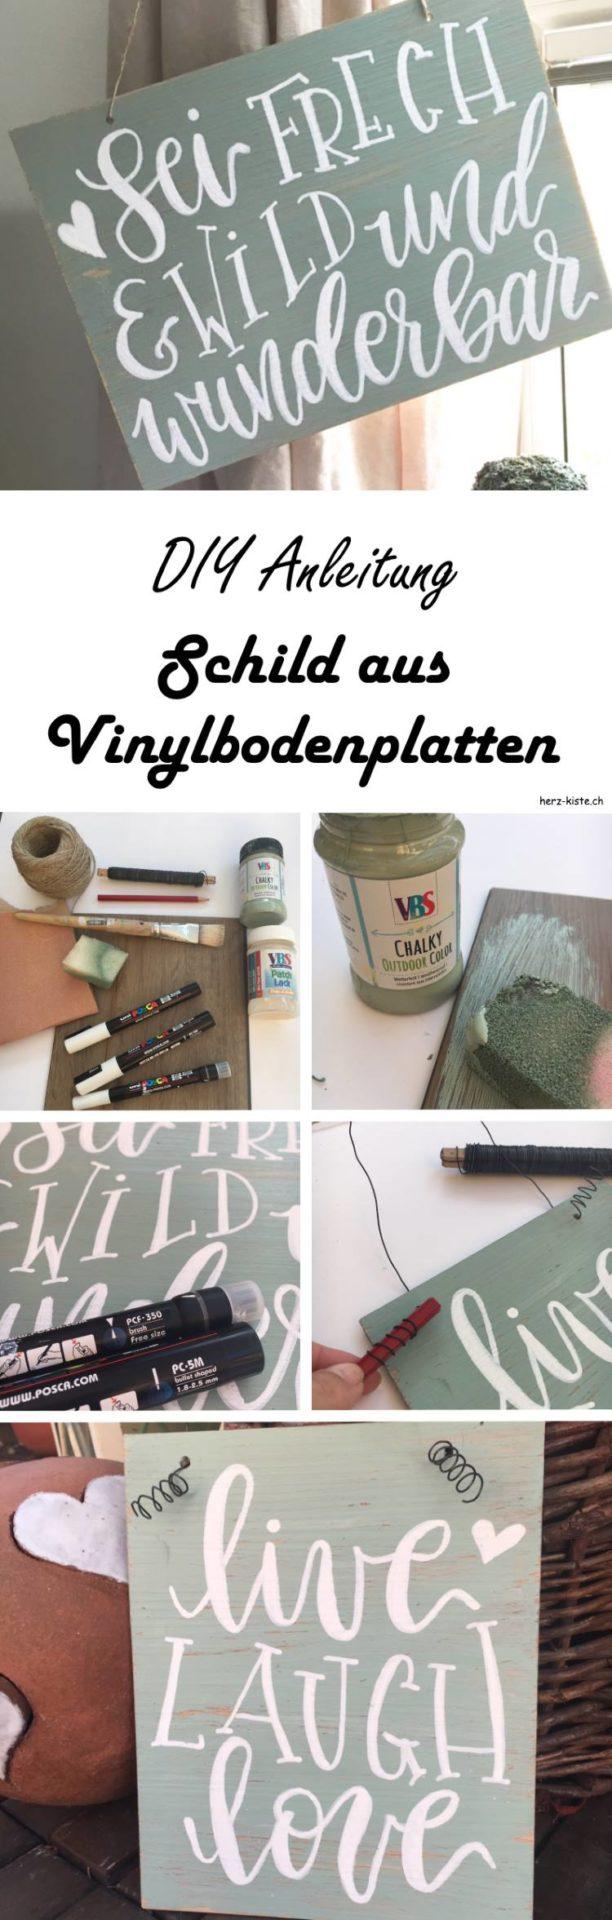 DIY Anleitung für ein Lettering Schild aus Vinylbodenplatten. Erfahre in diesem Beitrag wie du ganz einfach dein eigenes Schild mit Handlettering gestaltest.